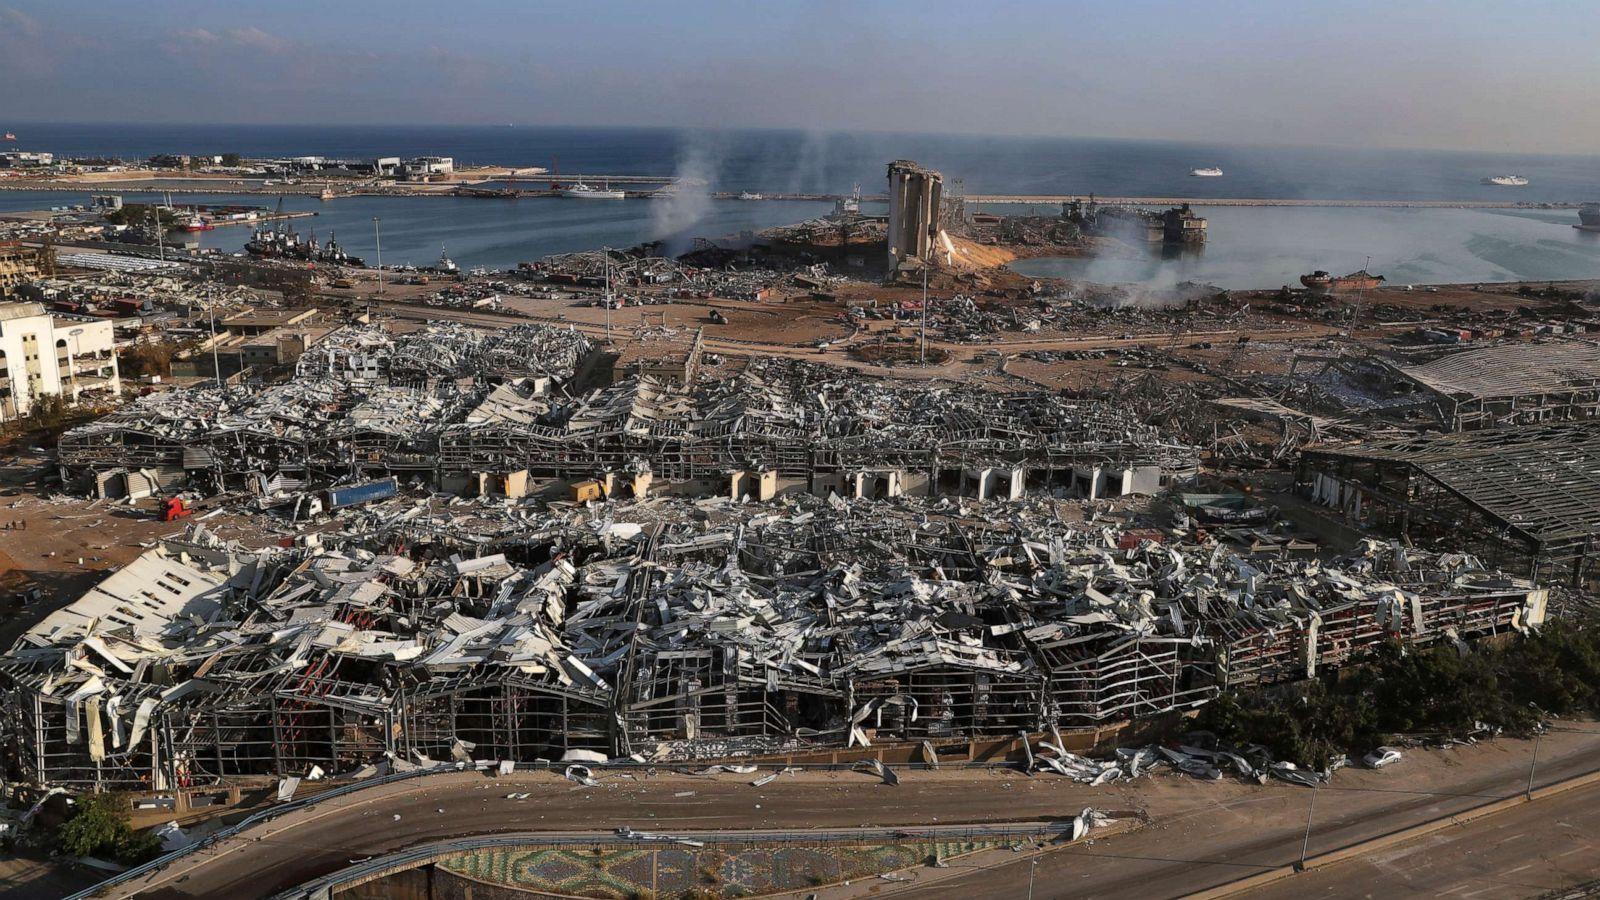 Loulou e l'esplosione do Beirut